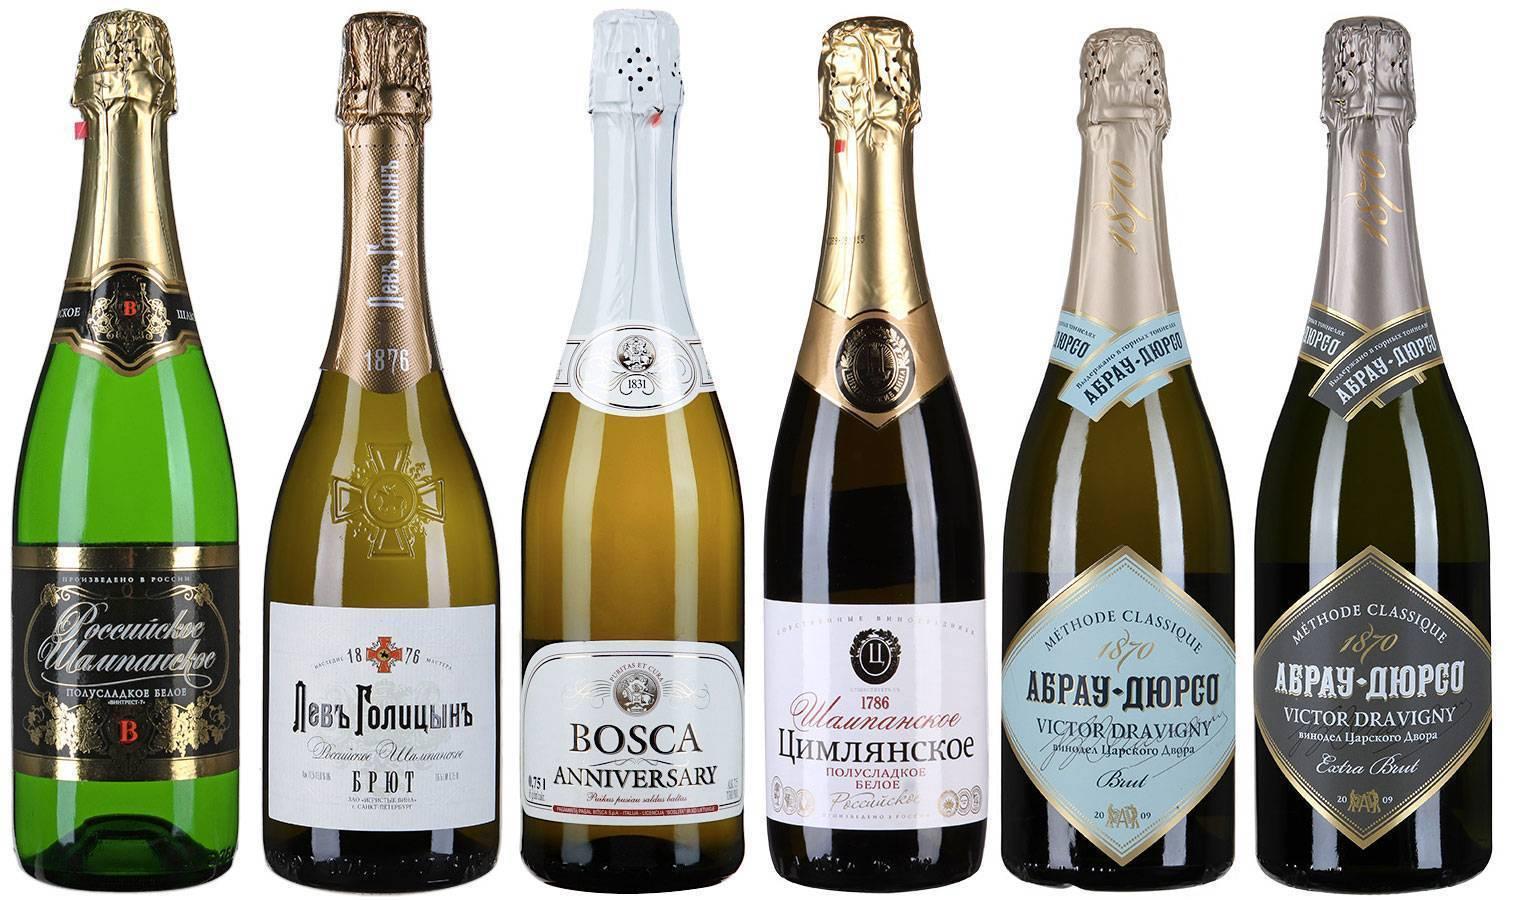 Какое шампанское хорошее по качеству и как его выбрать?